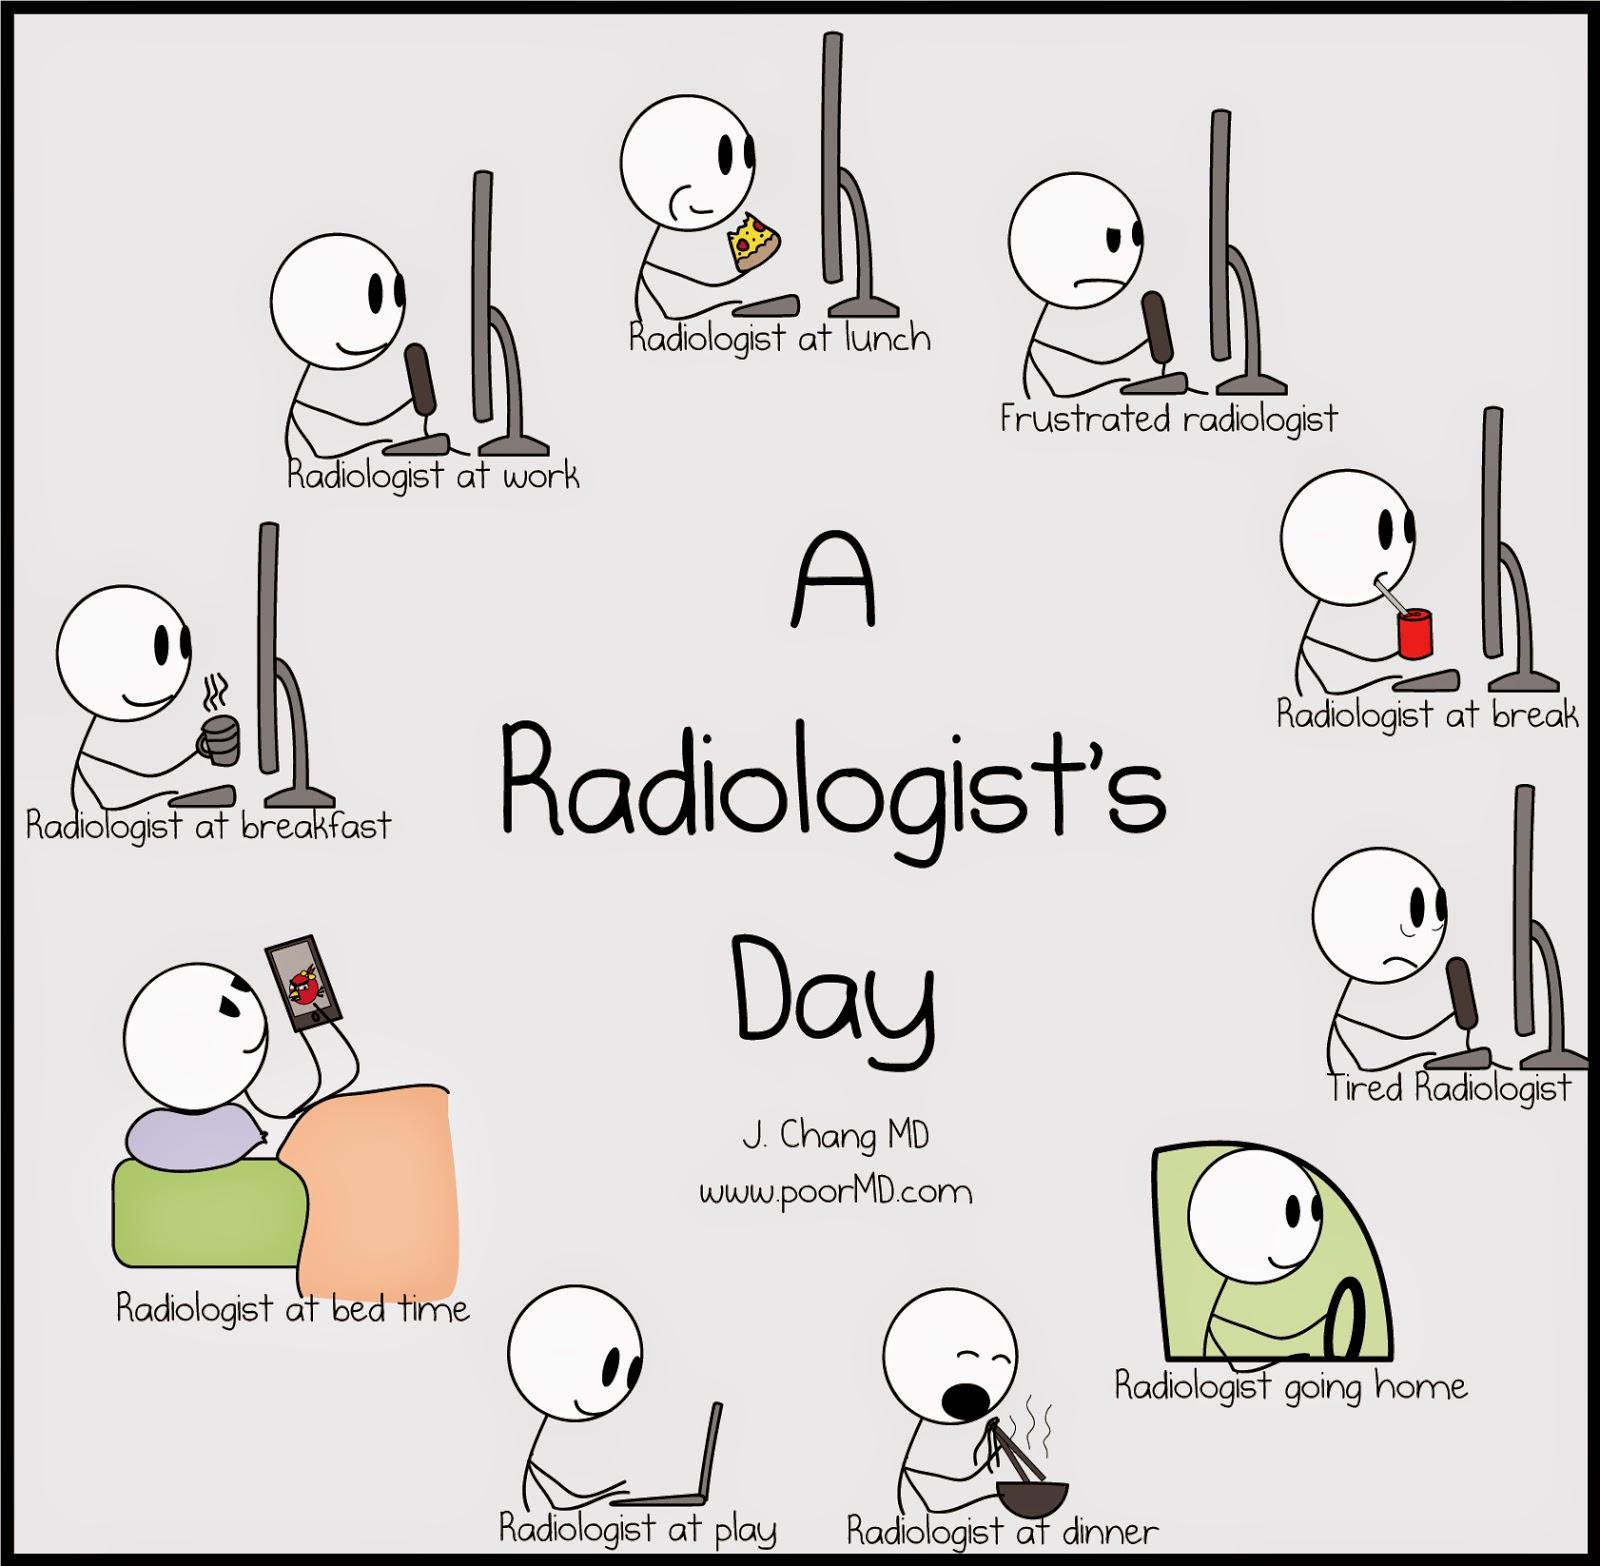 Radiology Jokes